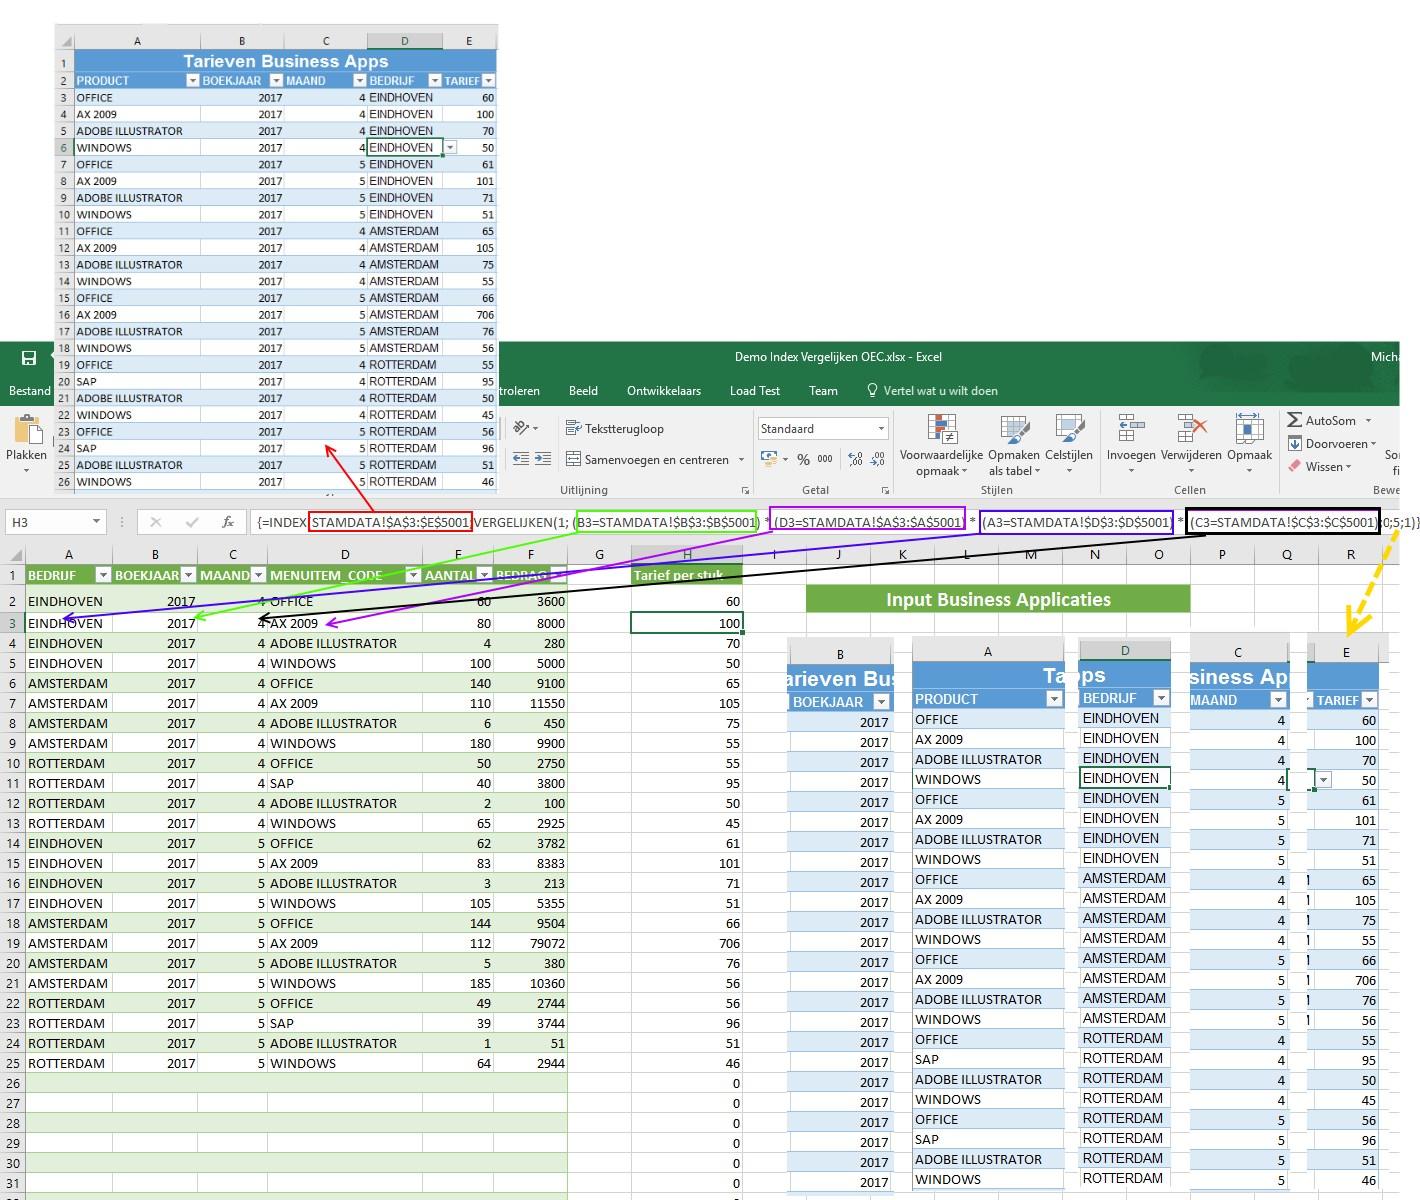 Vergeet verticaal zoeken, gebruik index vergelijken!